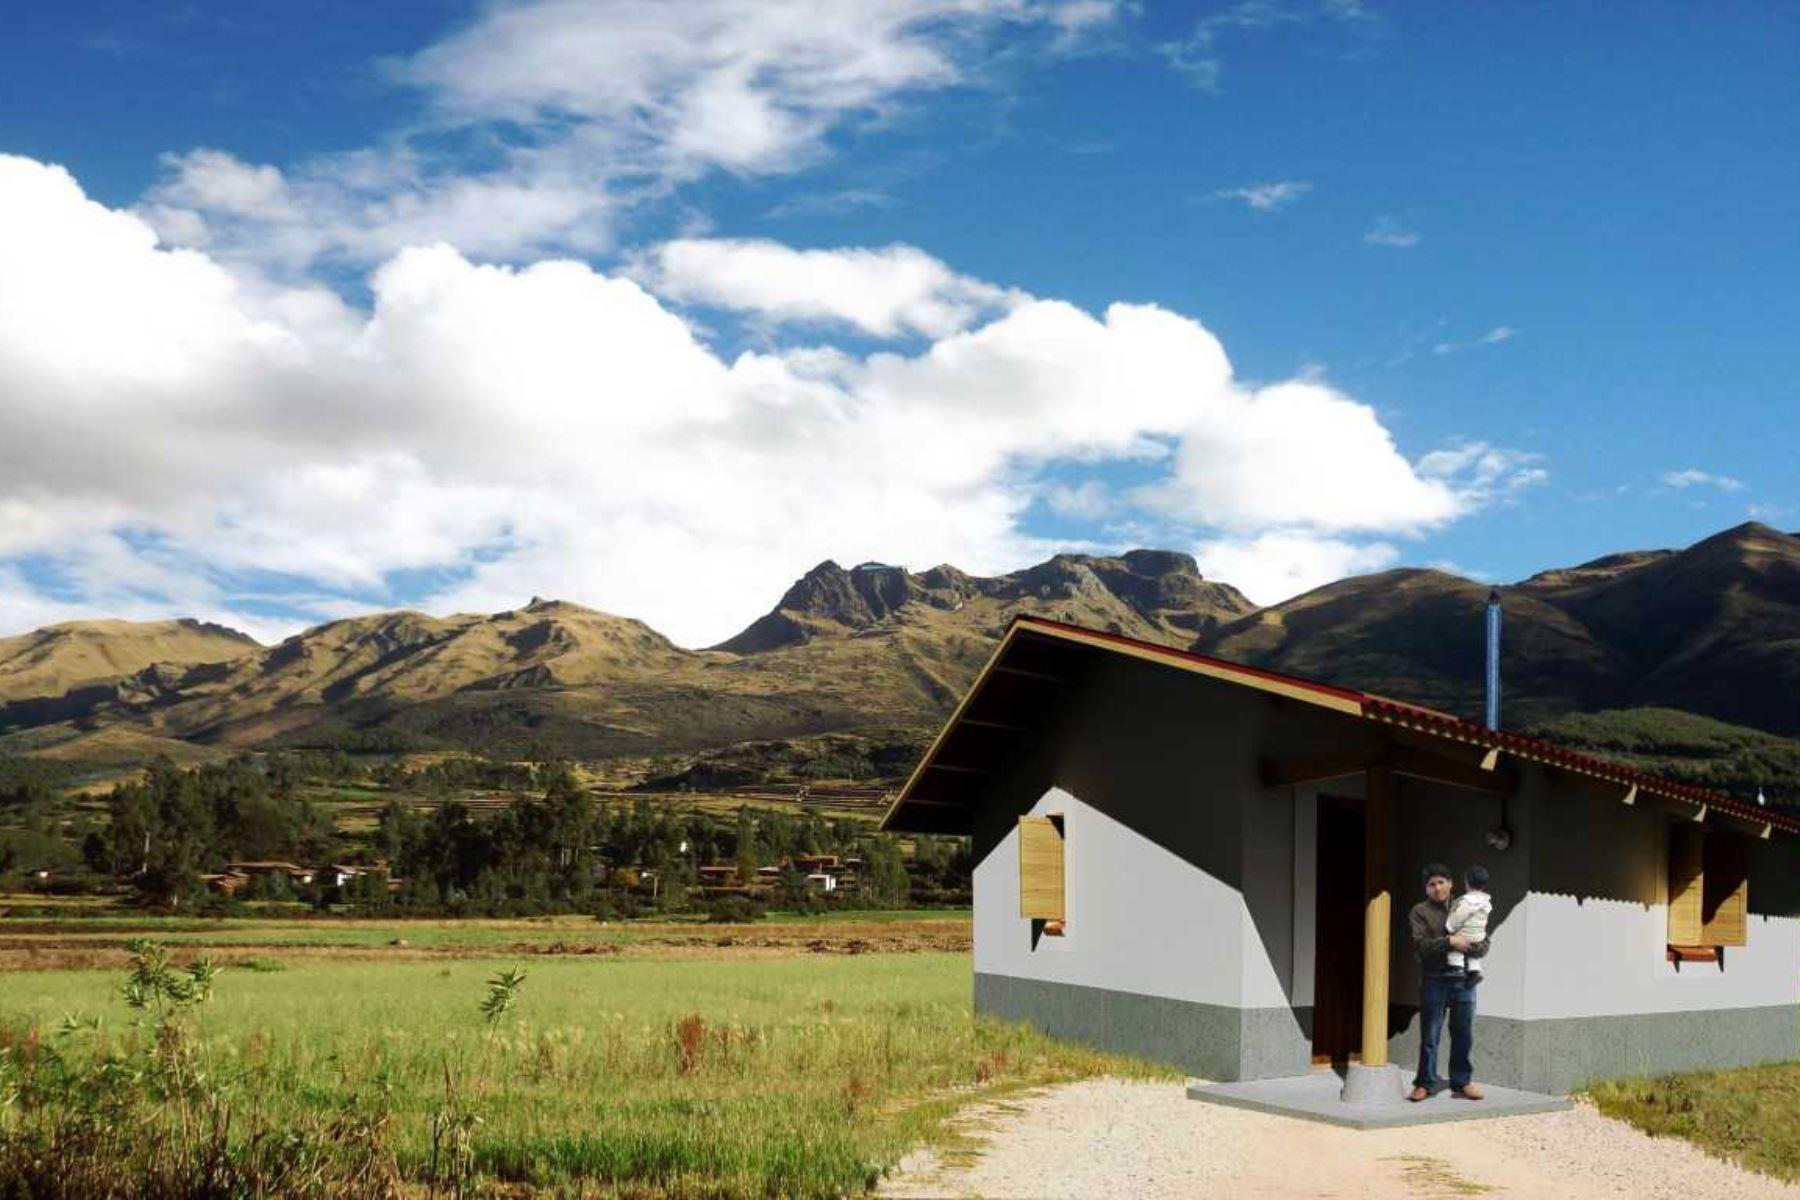 Más de S/ 3 millones invertirá el Ministerio de vivienda para mejorar viviendas rurales en dos distritos de Ayacucho, ubicados en el Vraem. ANDINA/Difusión